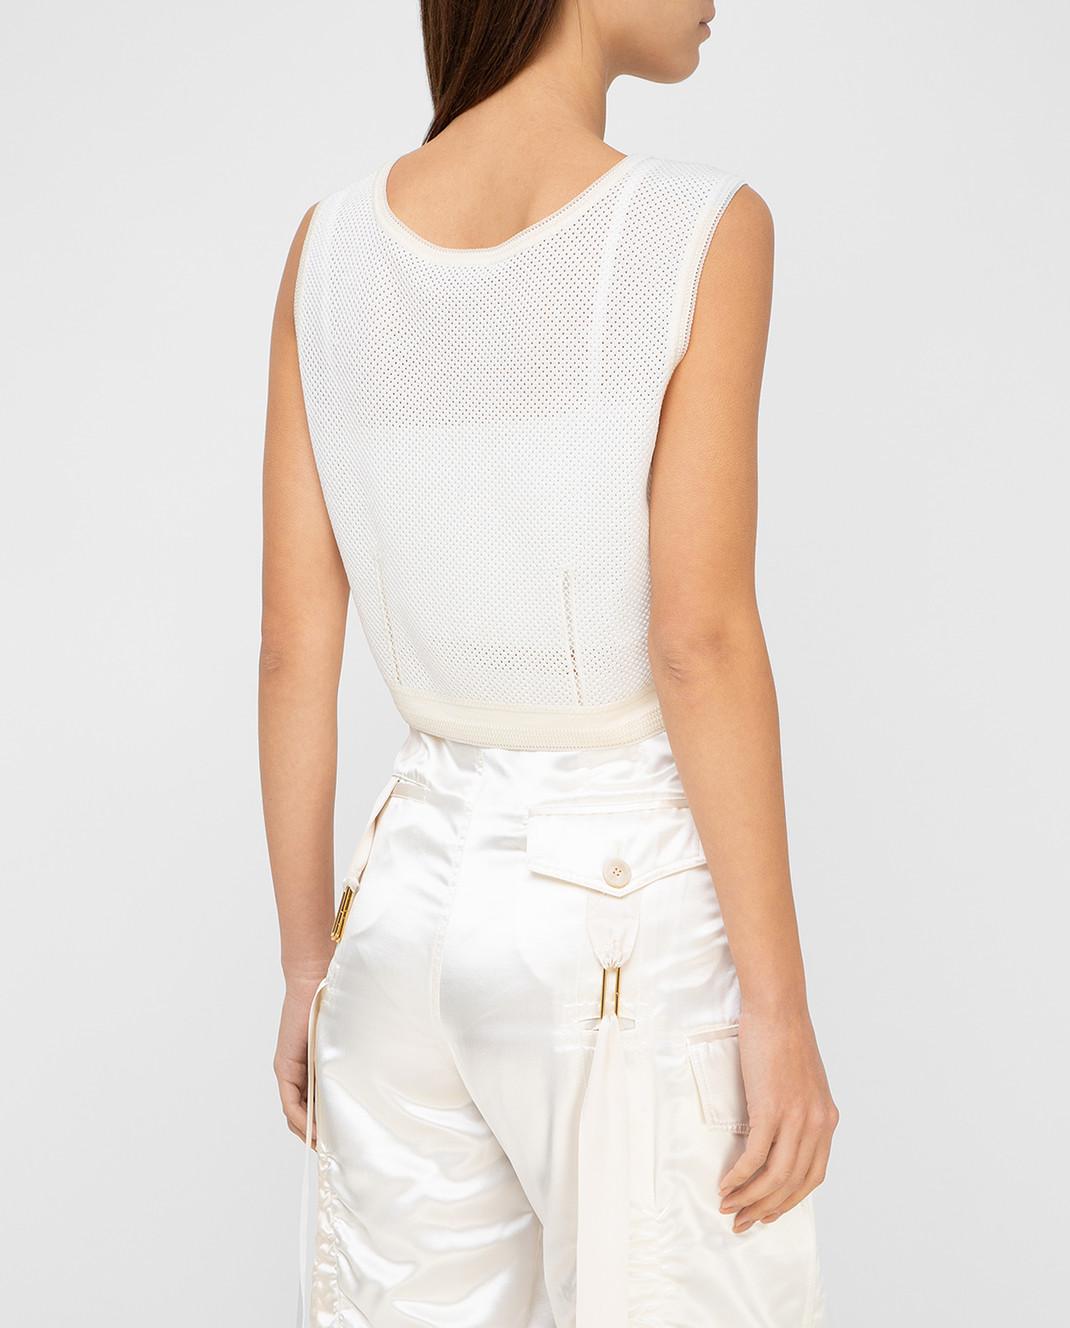 Balenciaga Белый топ 426823 изображение 4